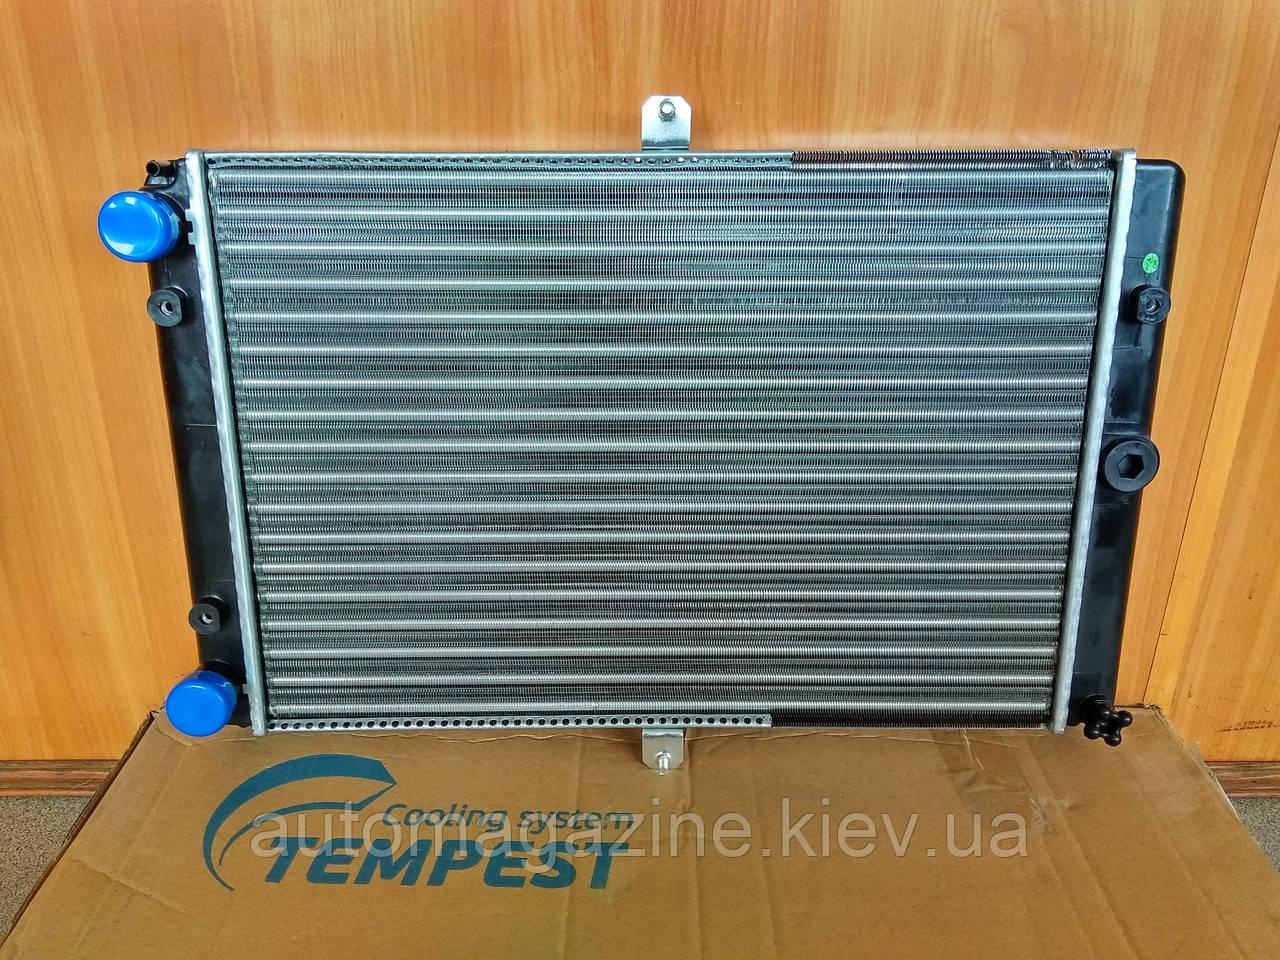 Радиатор охлаждения ВАЗ 2108 - 2109 (карбюратор)